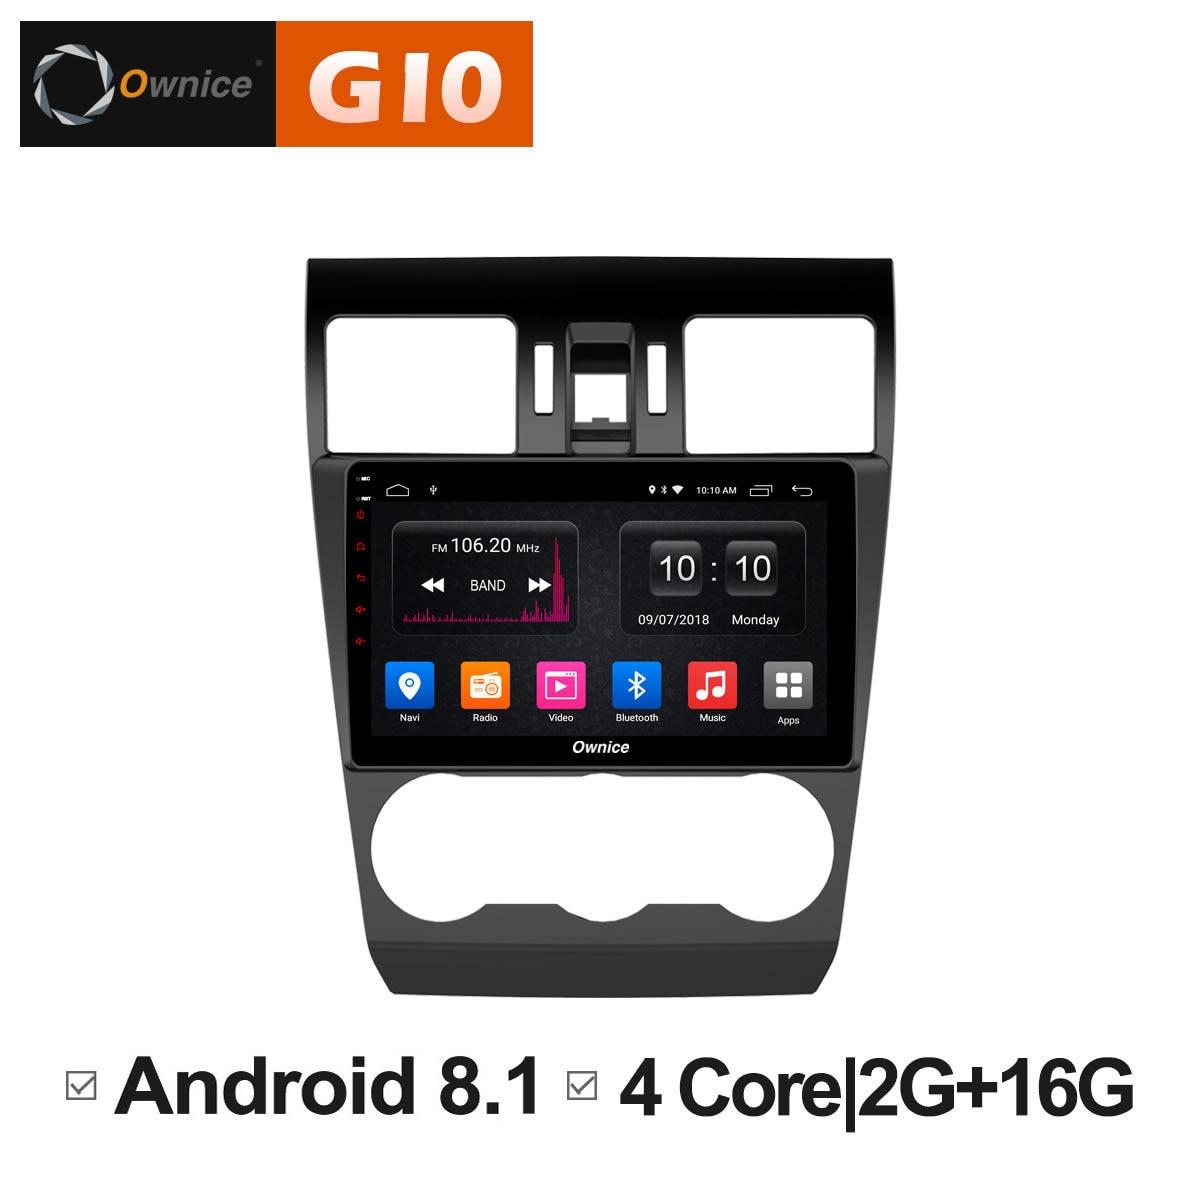 Android 8,1 блок интеллектуальных Системы мультимедийный dvd плеер для Subaru WRX Forester 2014 2015 2016 автомобилей gps навигатор Smart Pad ПК